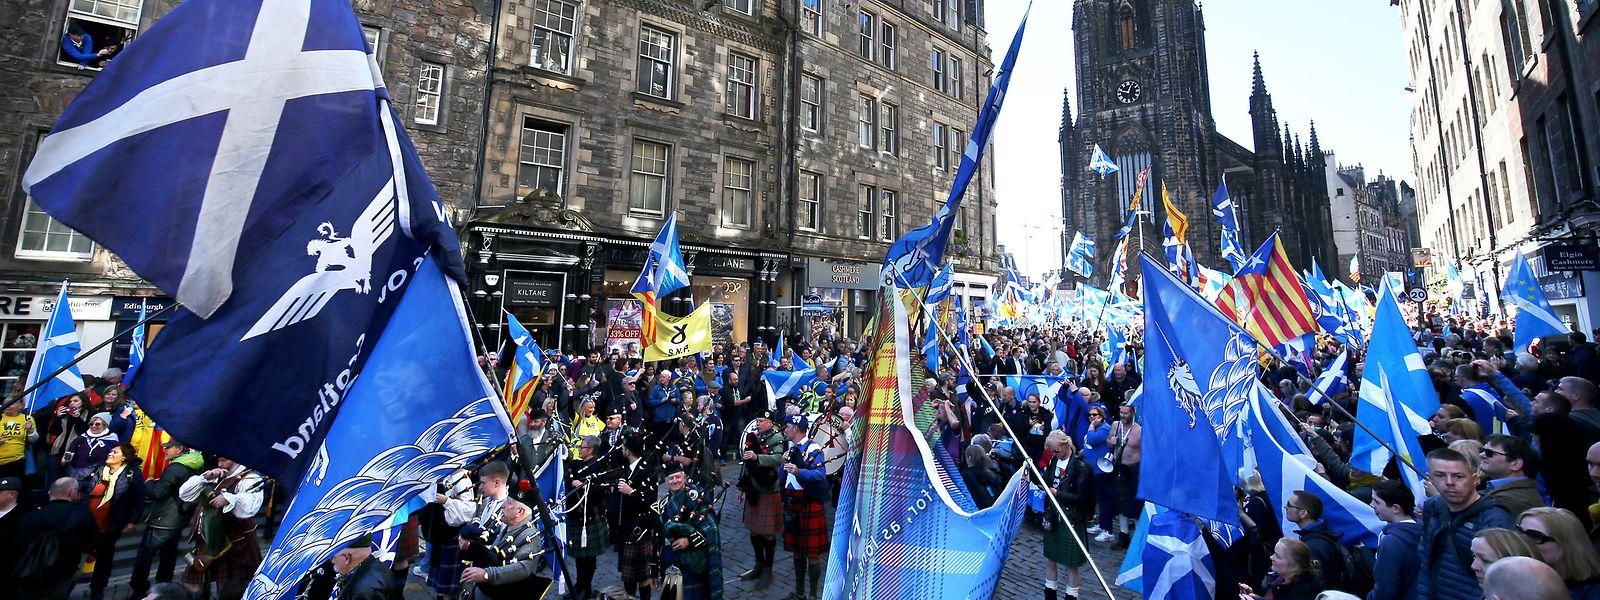 Unterstützer für die Unabhängigkeit Schottlands nehmen an einer Demonstration teil.